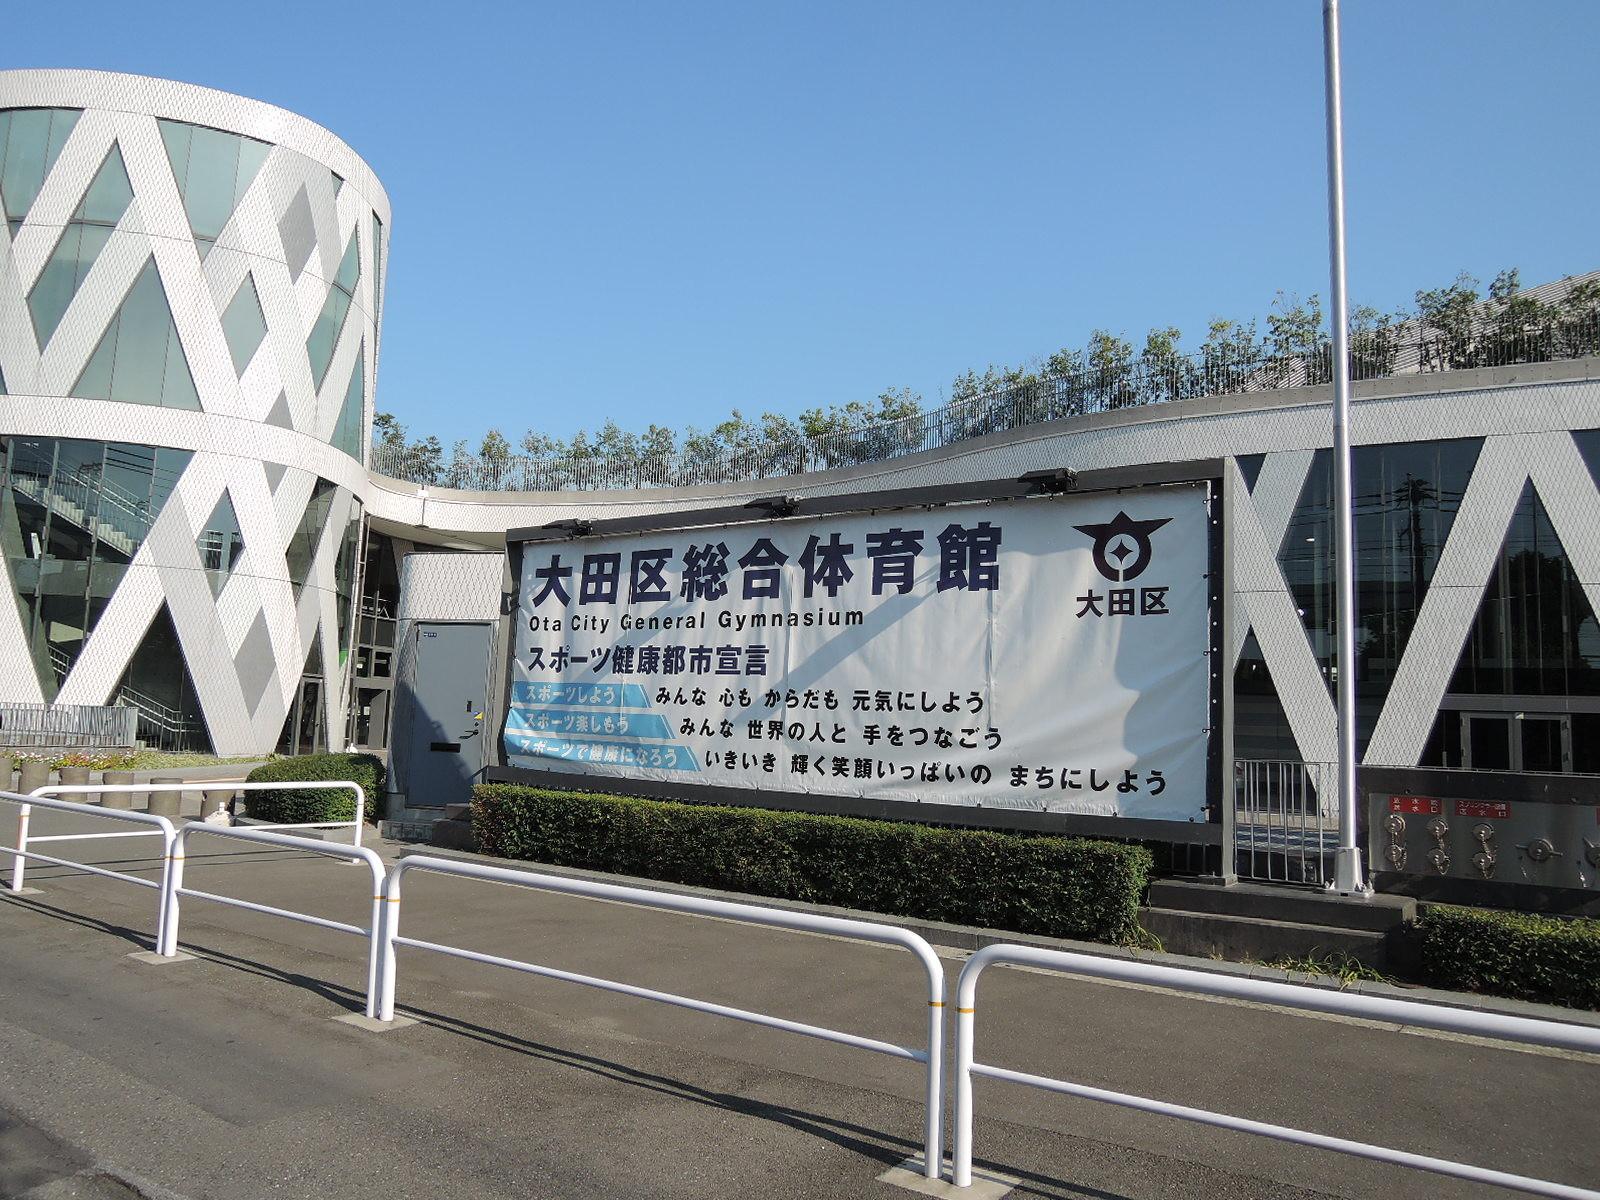 第一京浜を渡ると向かいは大田区総合体育館